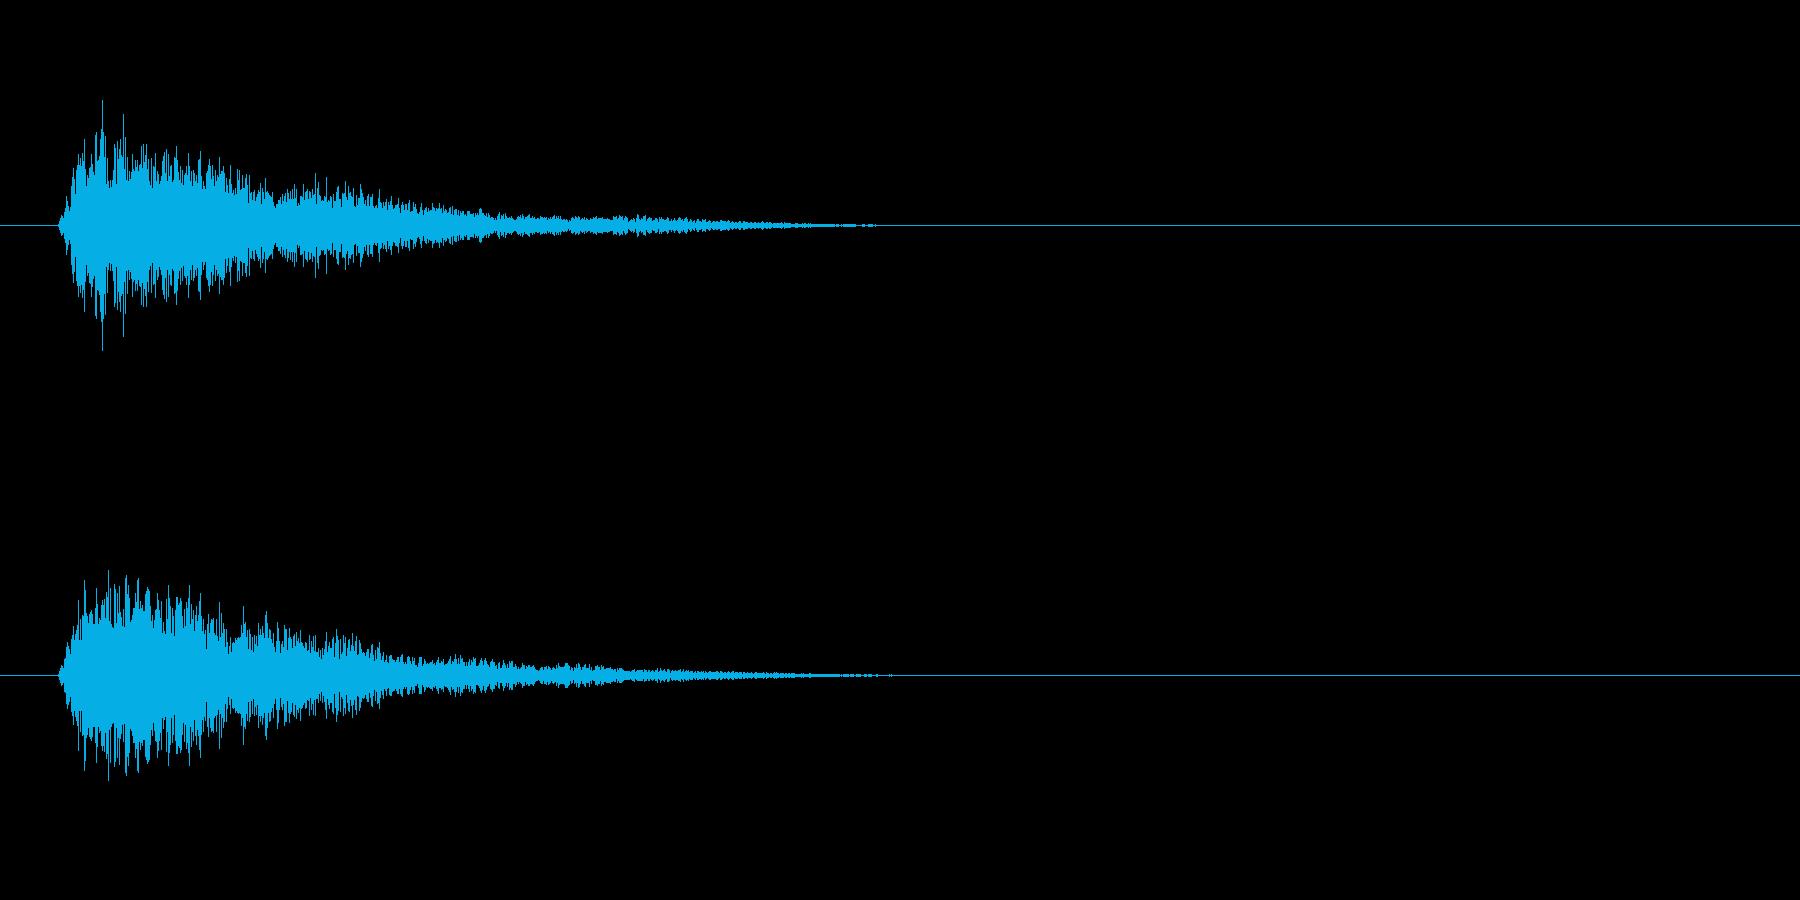 落ち着いた操作系決定音の再生済みの波形